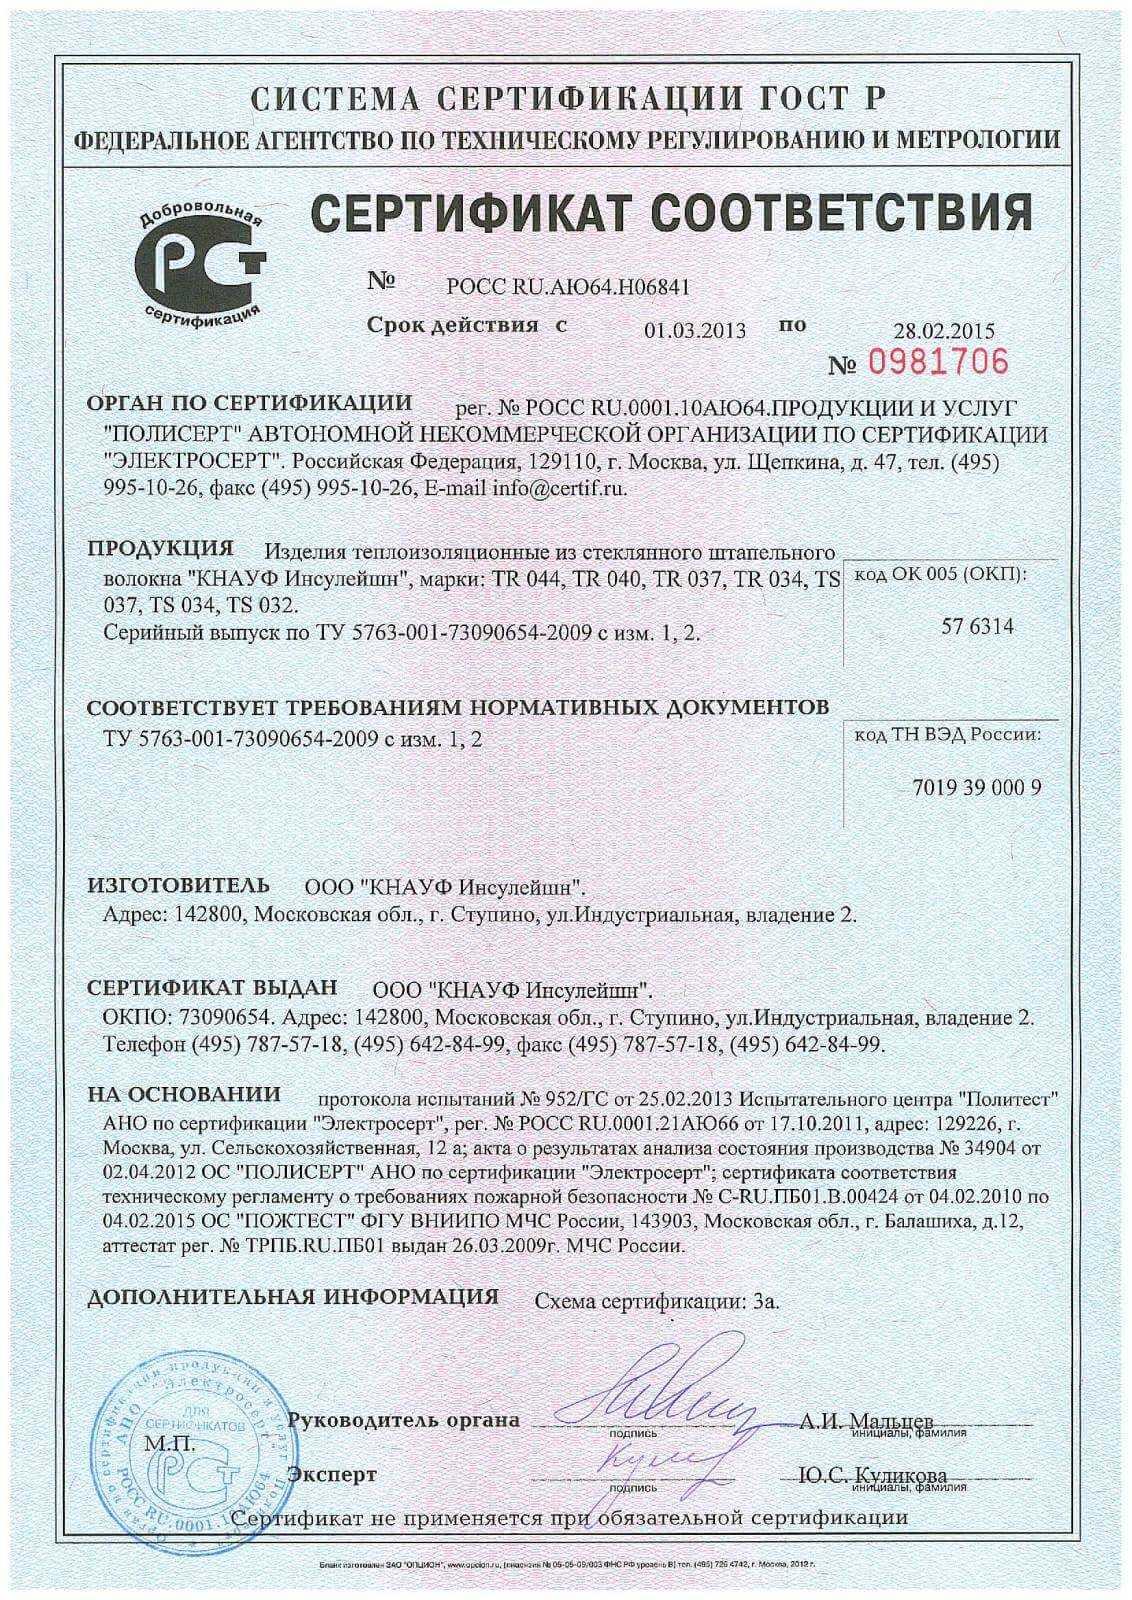 Кнауф сертификат соответствия